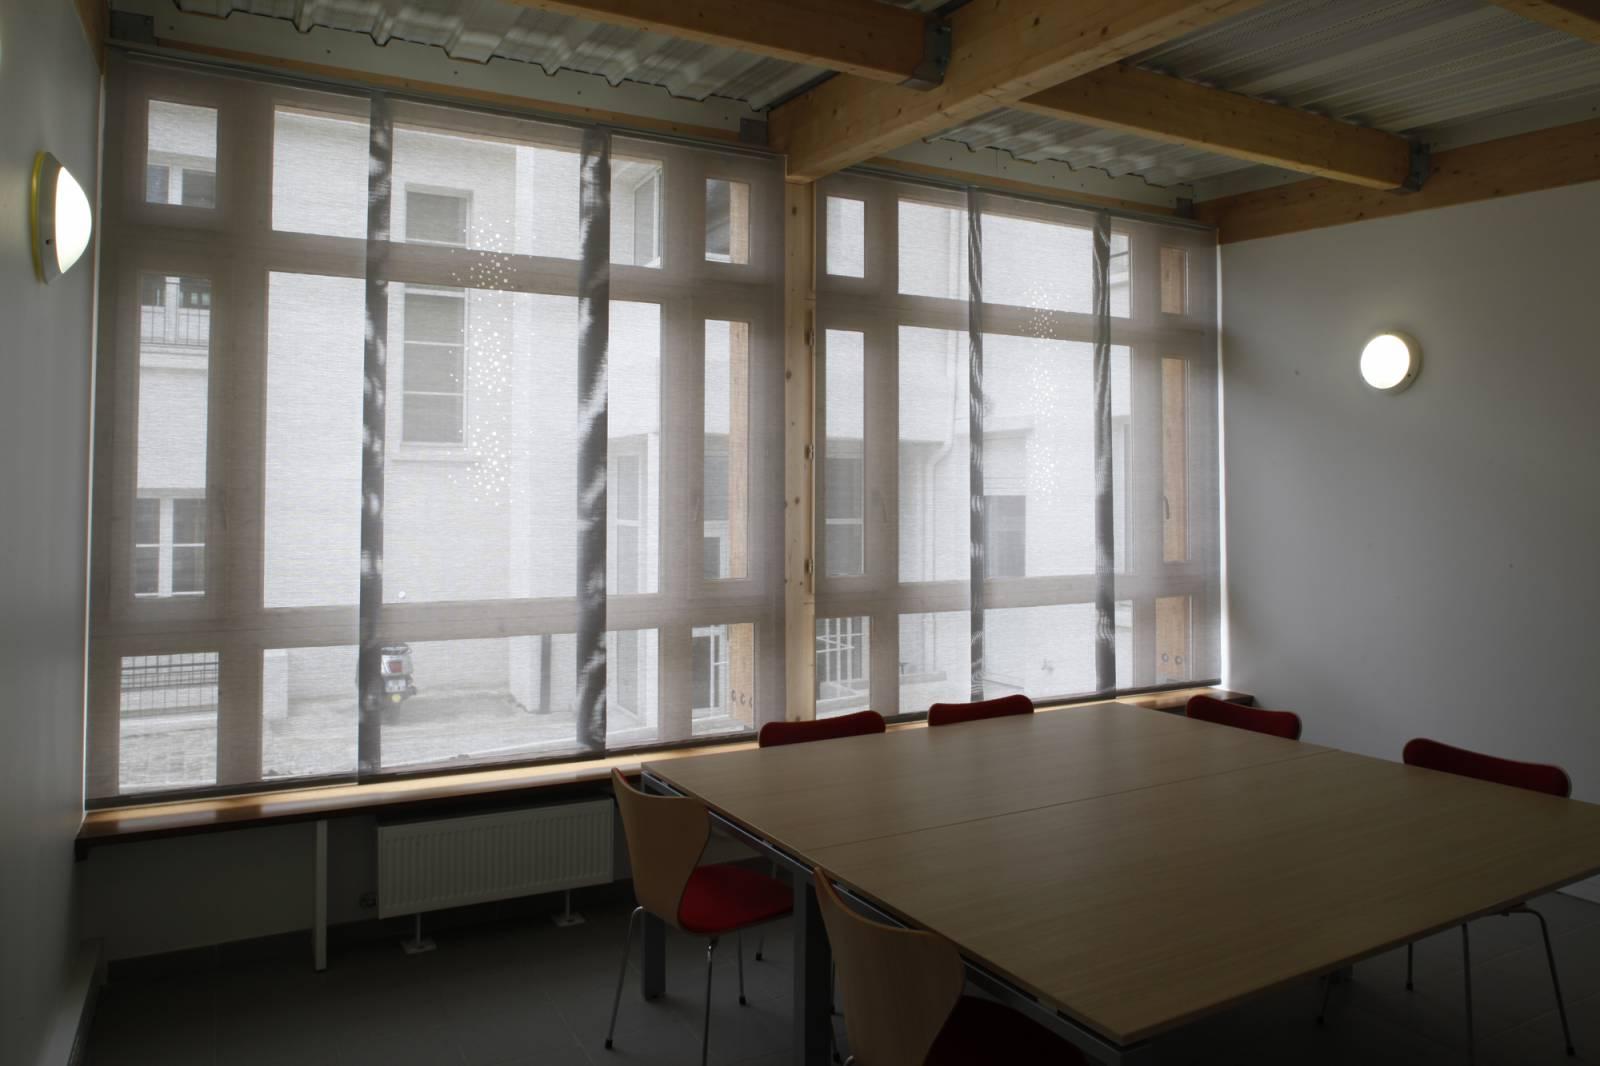 """Panneaux japonais écran solaire """"Petites fenêtres"""" - exemple de réalisation 6"""